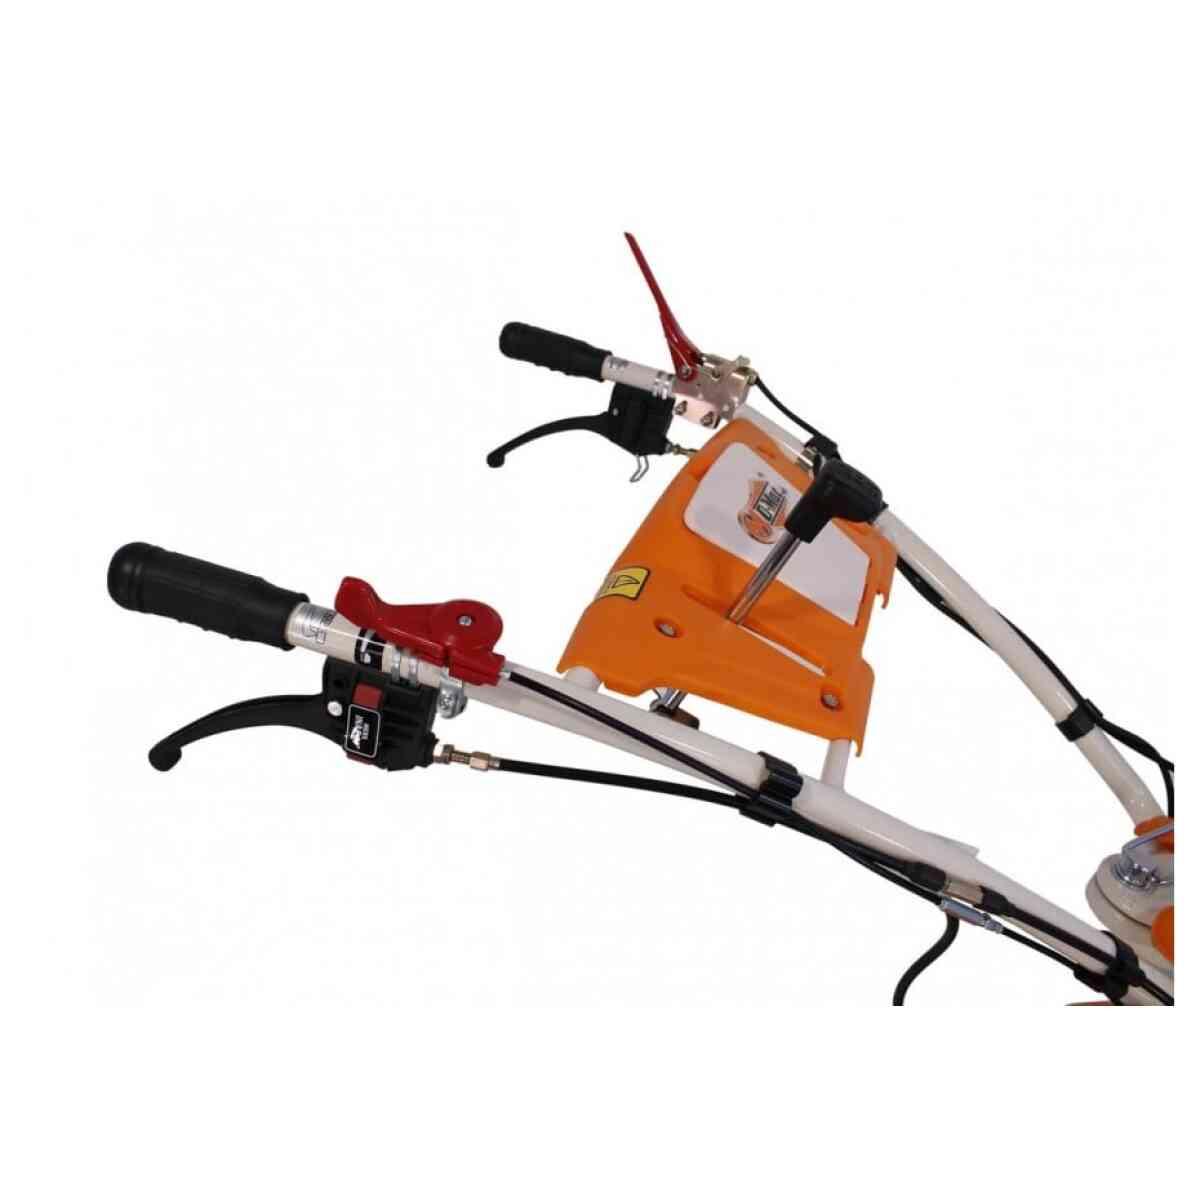 motocultor o mac new 1000 s 8cp cu roti o mac.ro 7 2 15